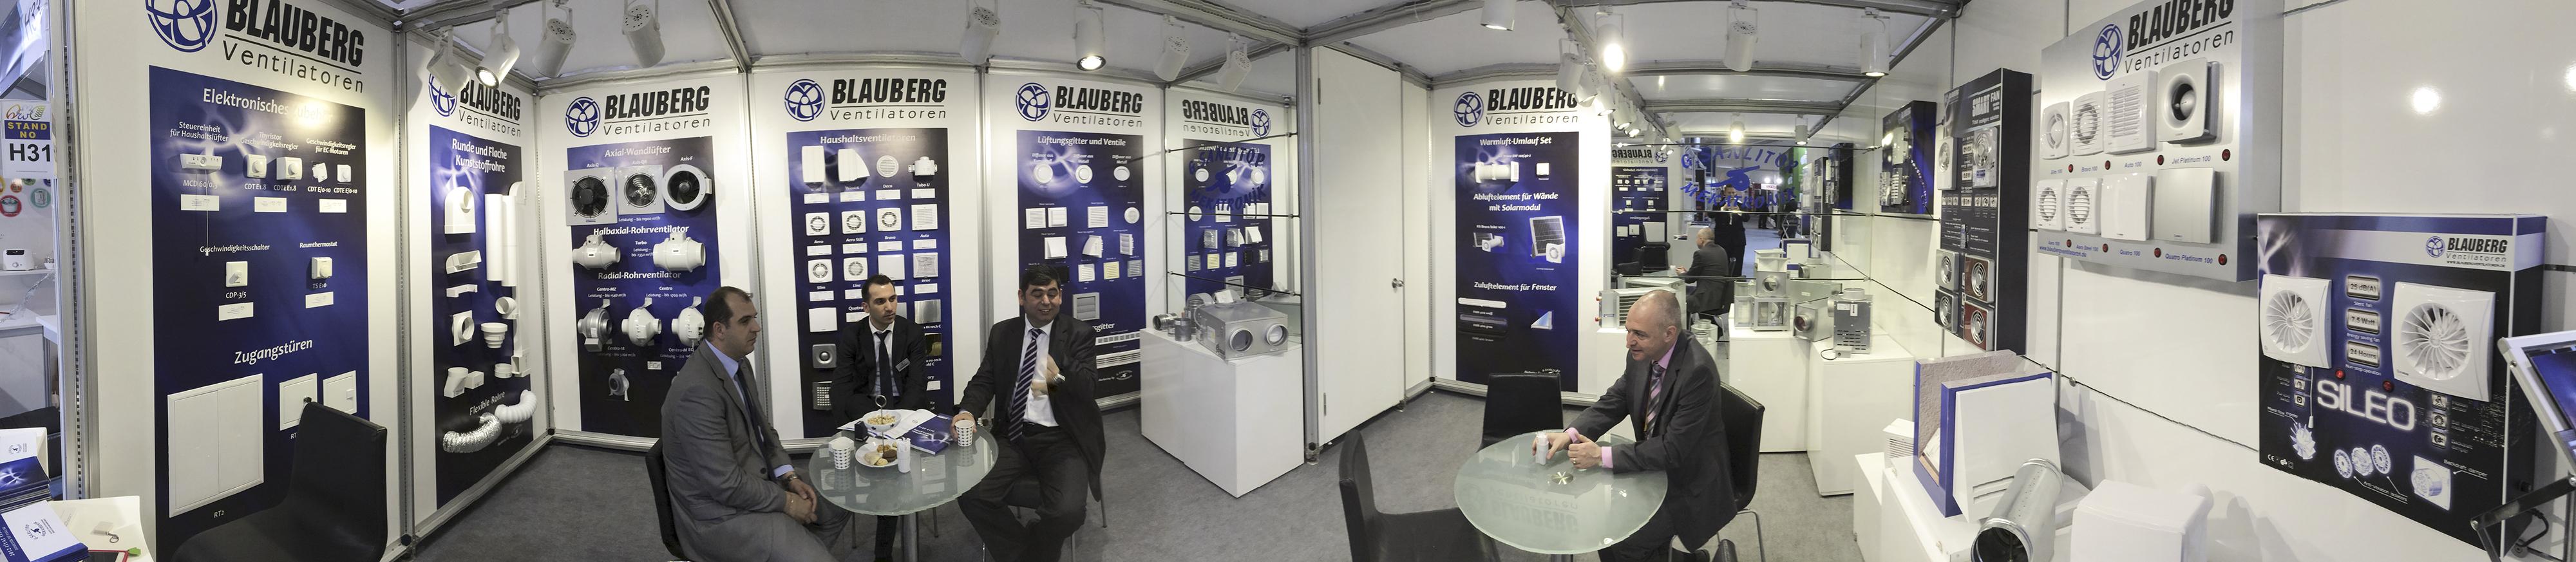 Компания Blauberg